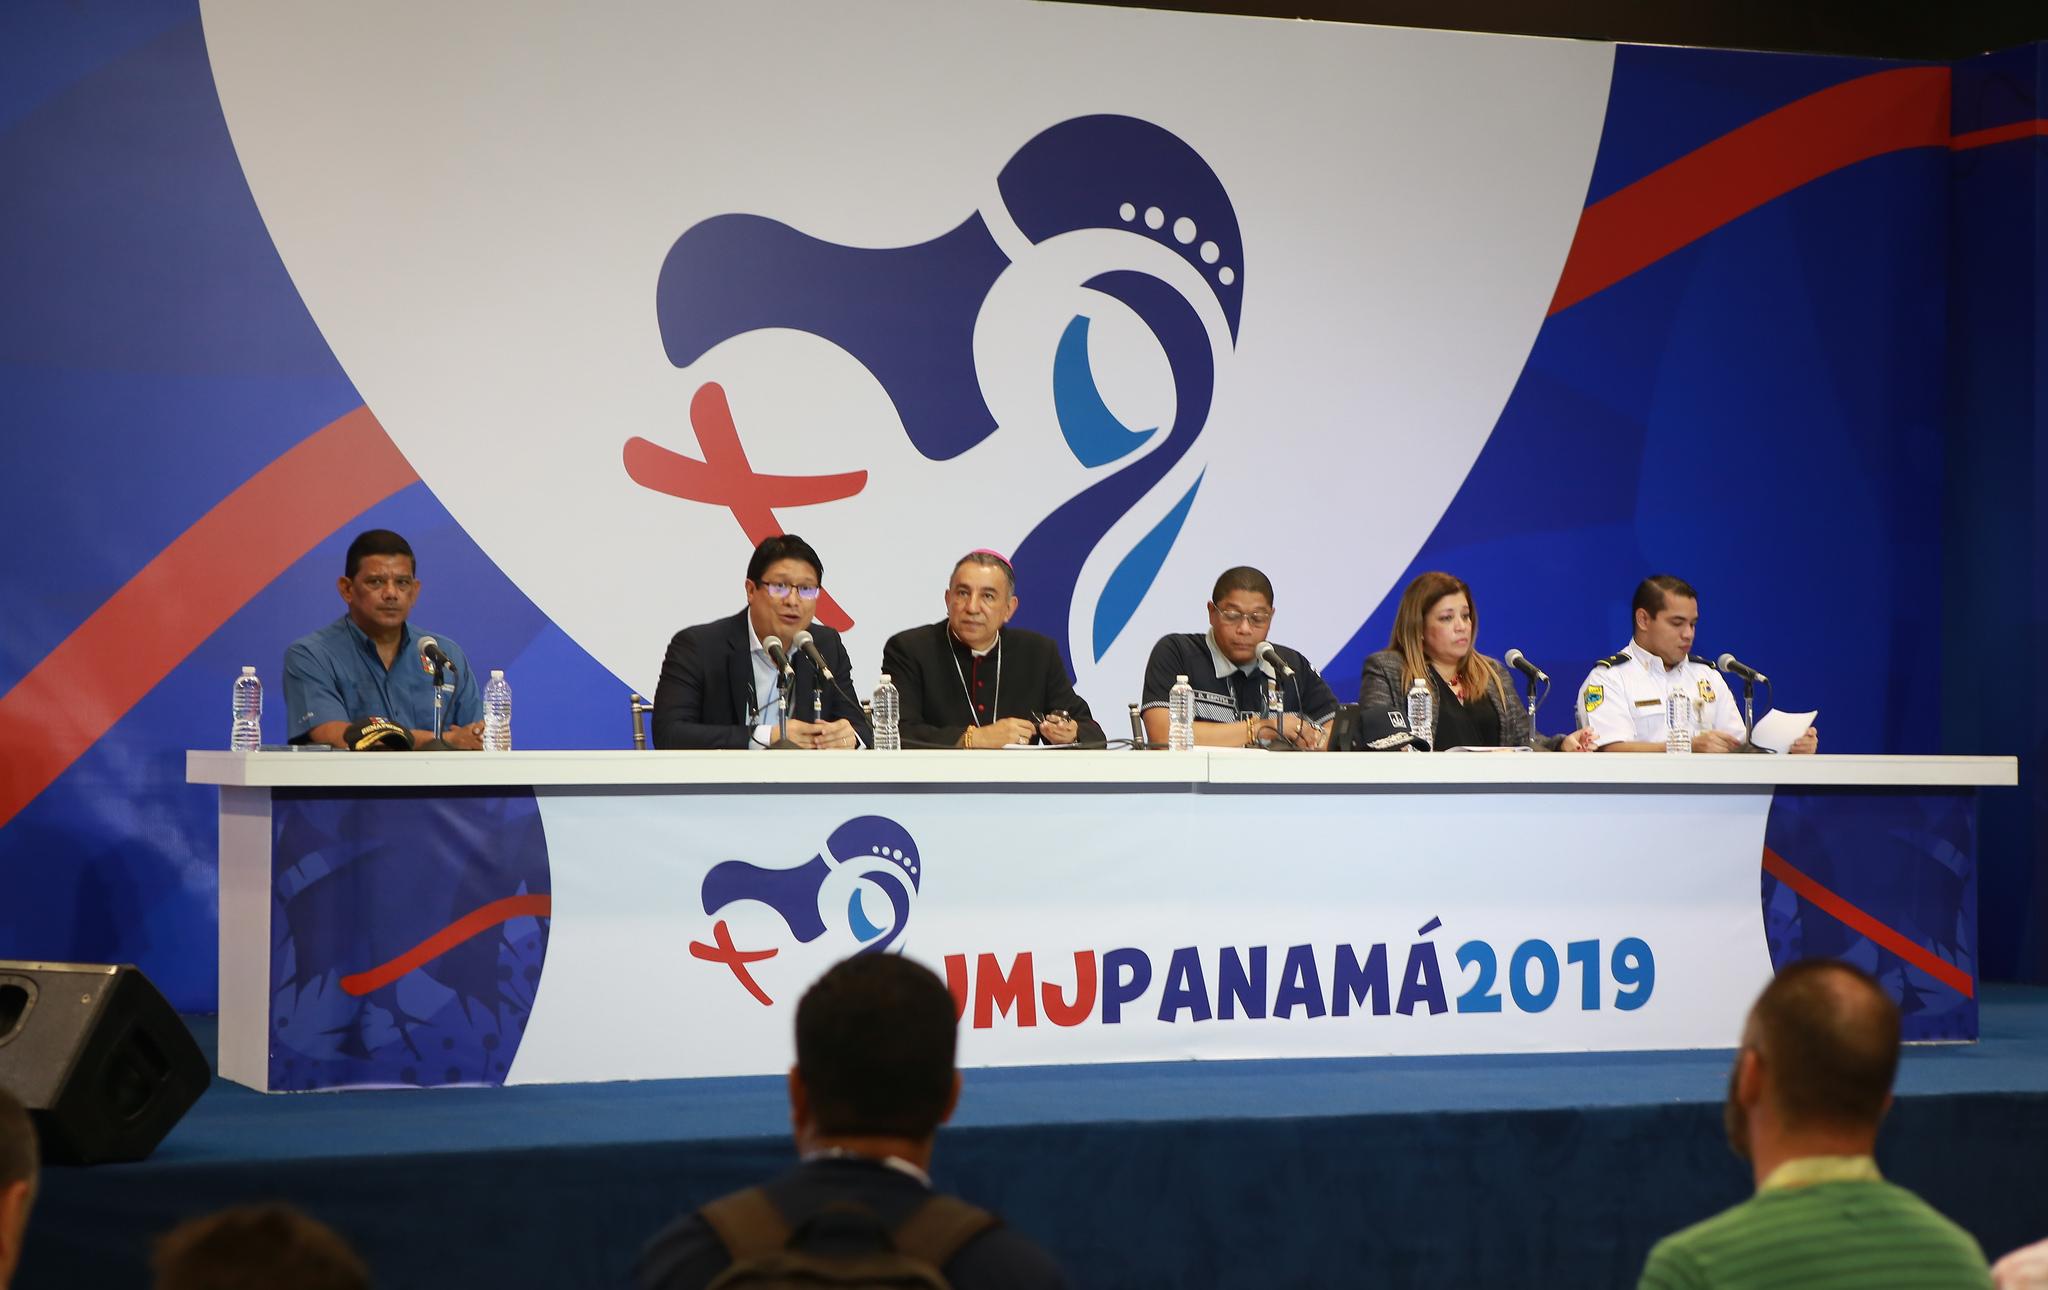 Rueda de prensa en Ciudad de Panamá © JMJ Panamá 2019